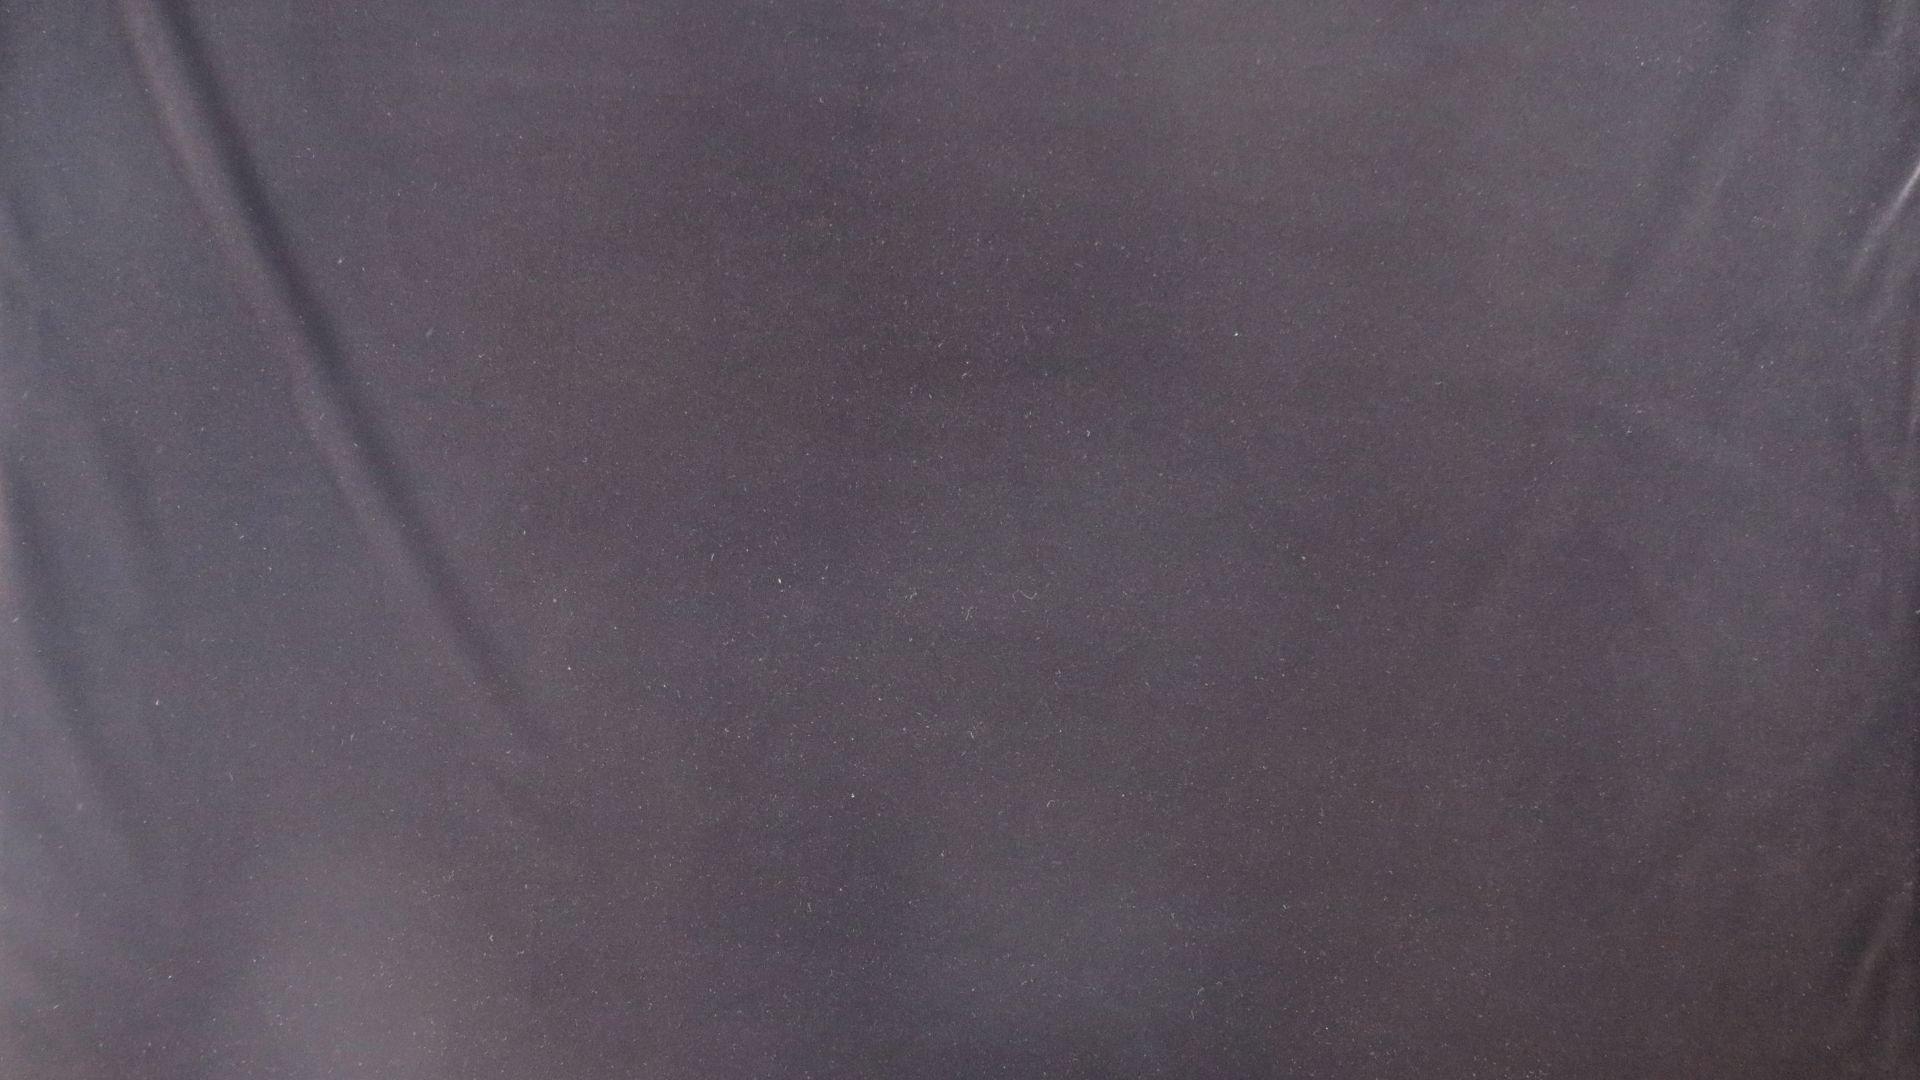 il particolare del tessuto diana, appartenente alla categoria uniti velluti, di Leadford & Logan